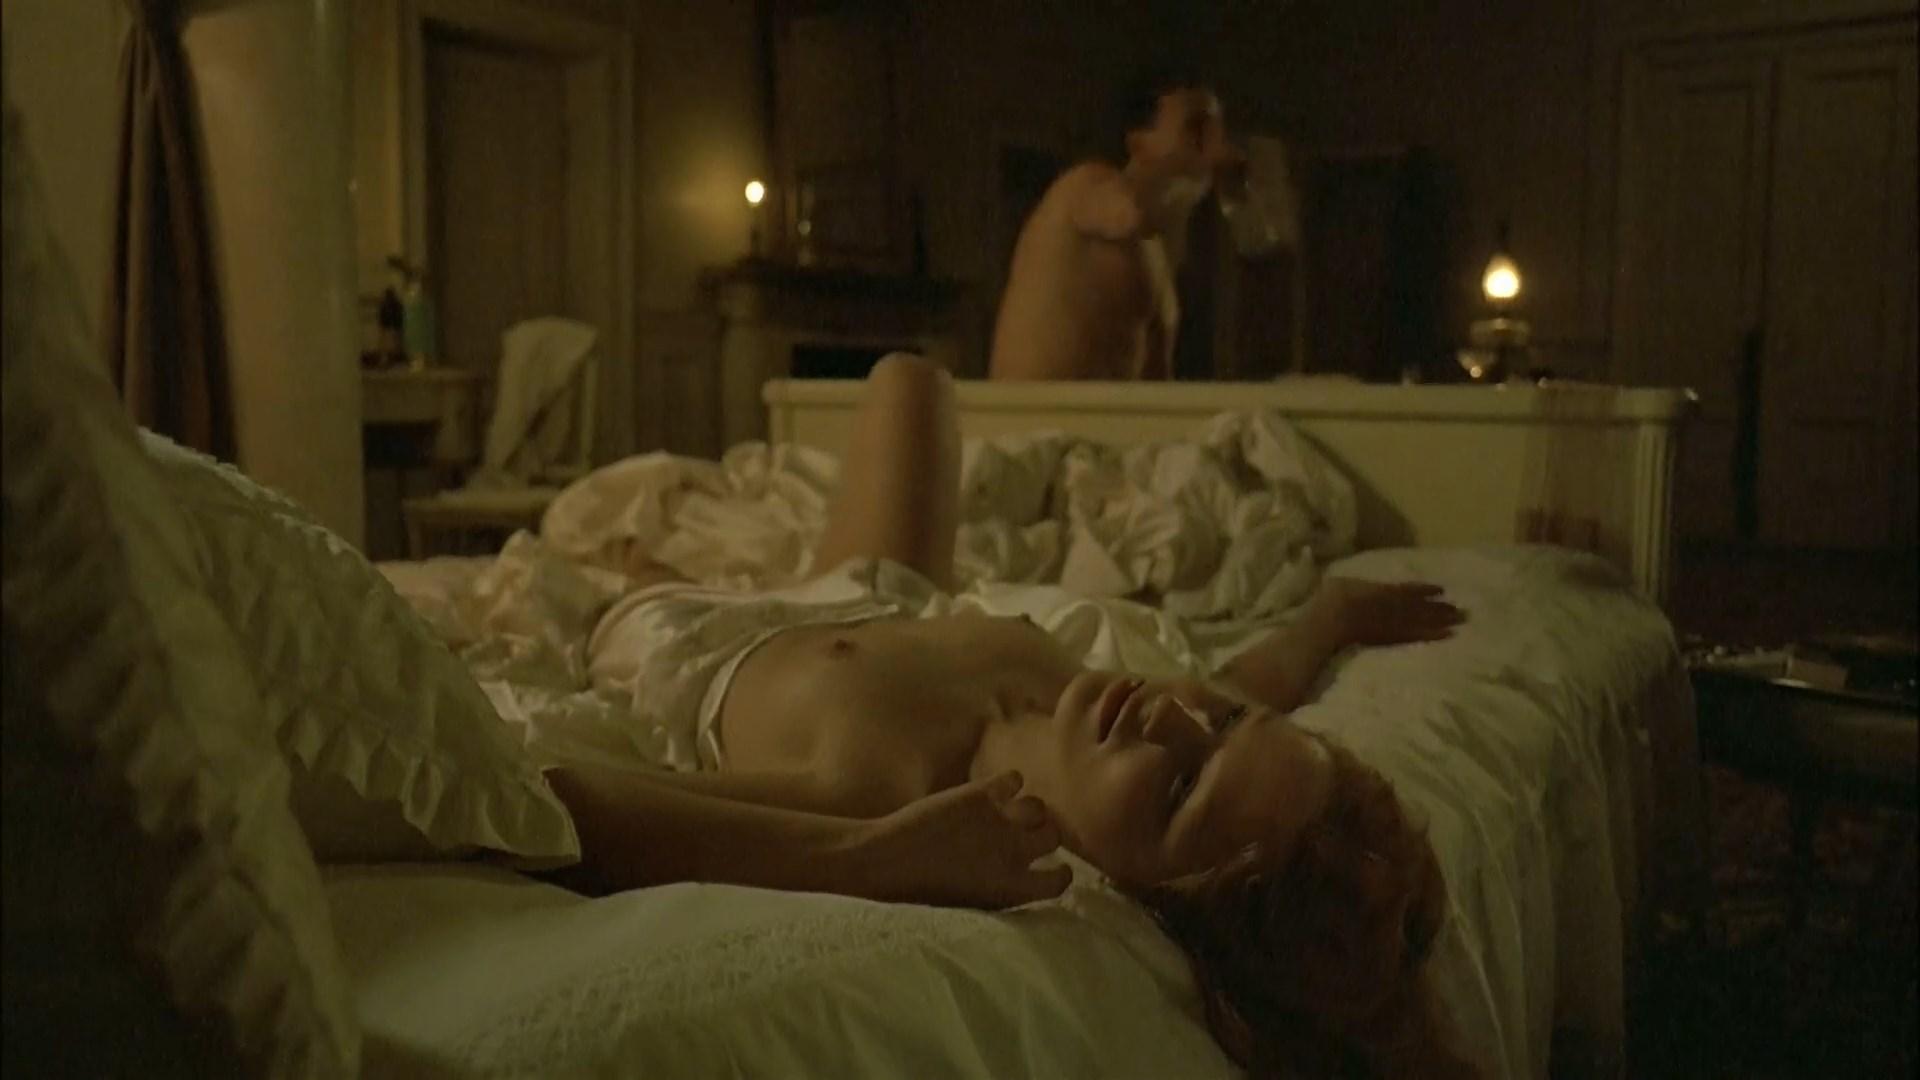 Mariya Semyonova nude - Der Untergang (Downfall) (2004)